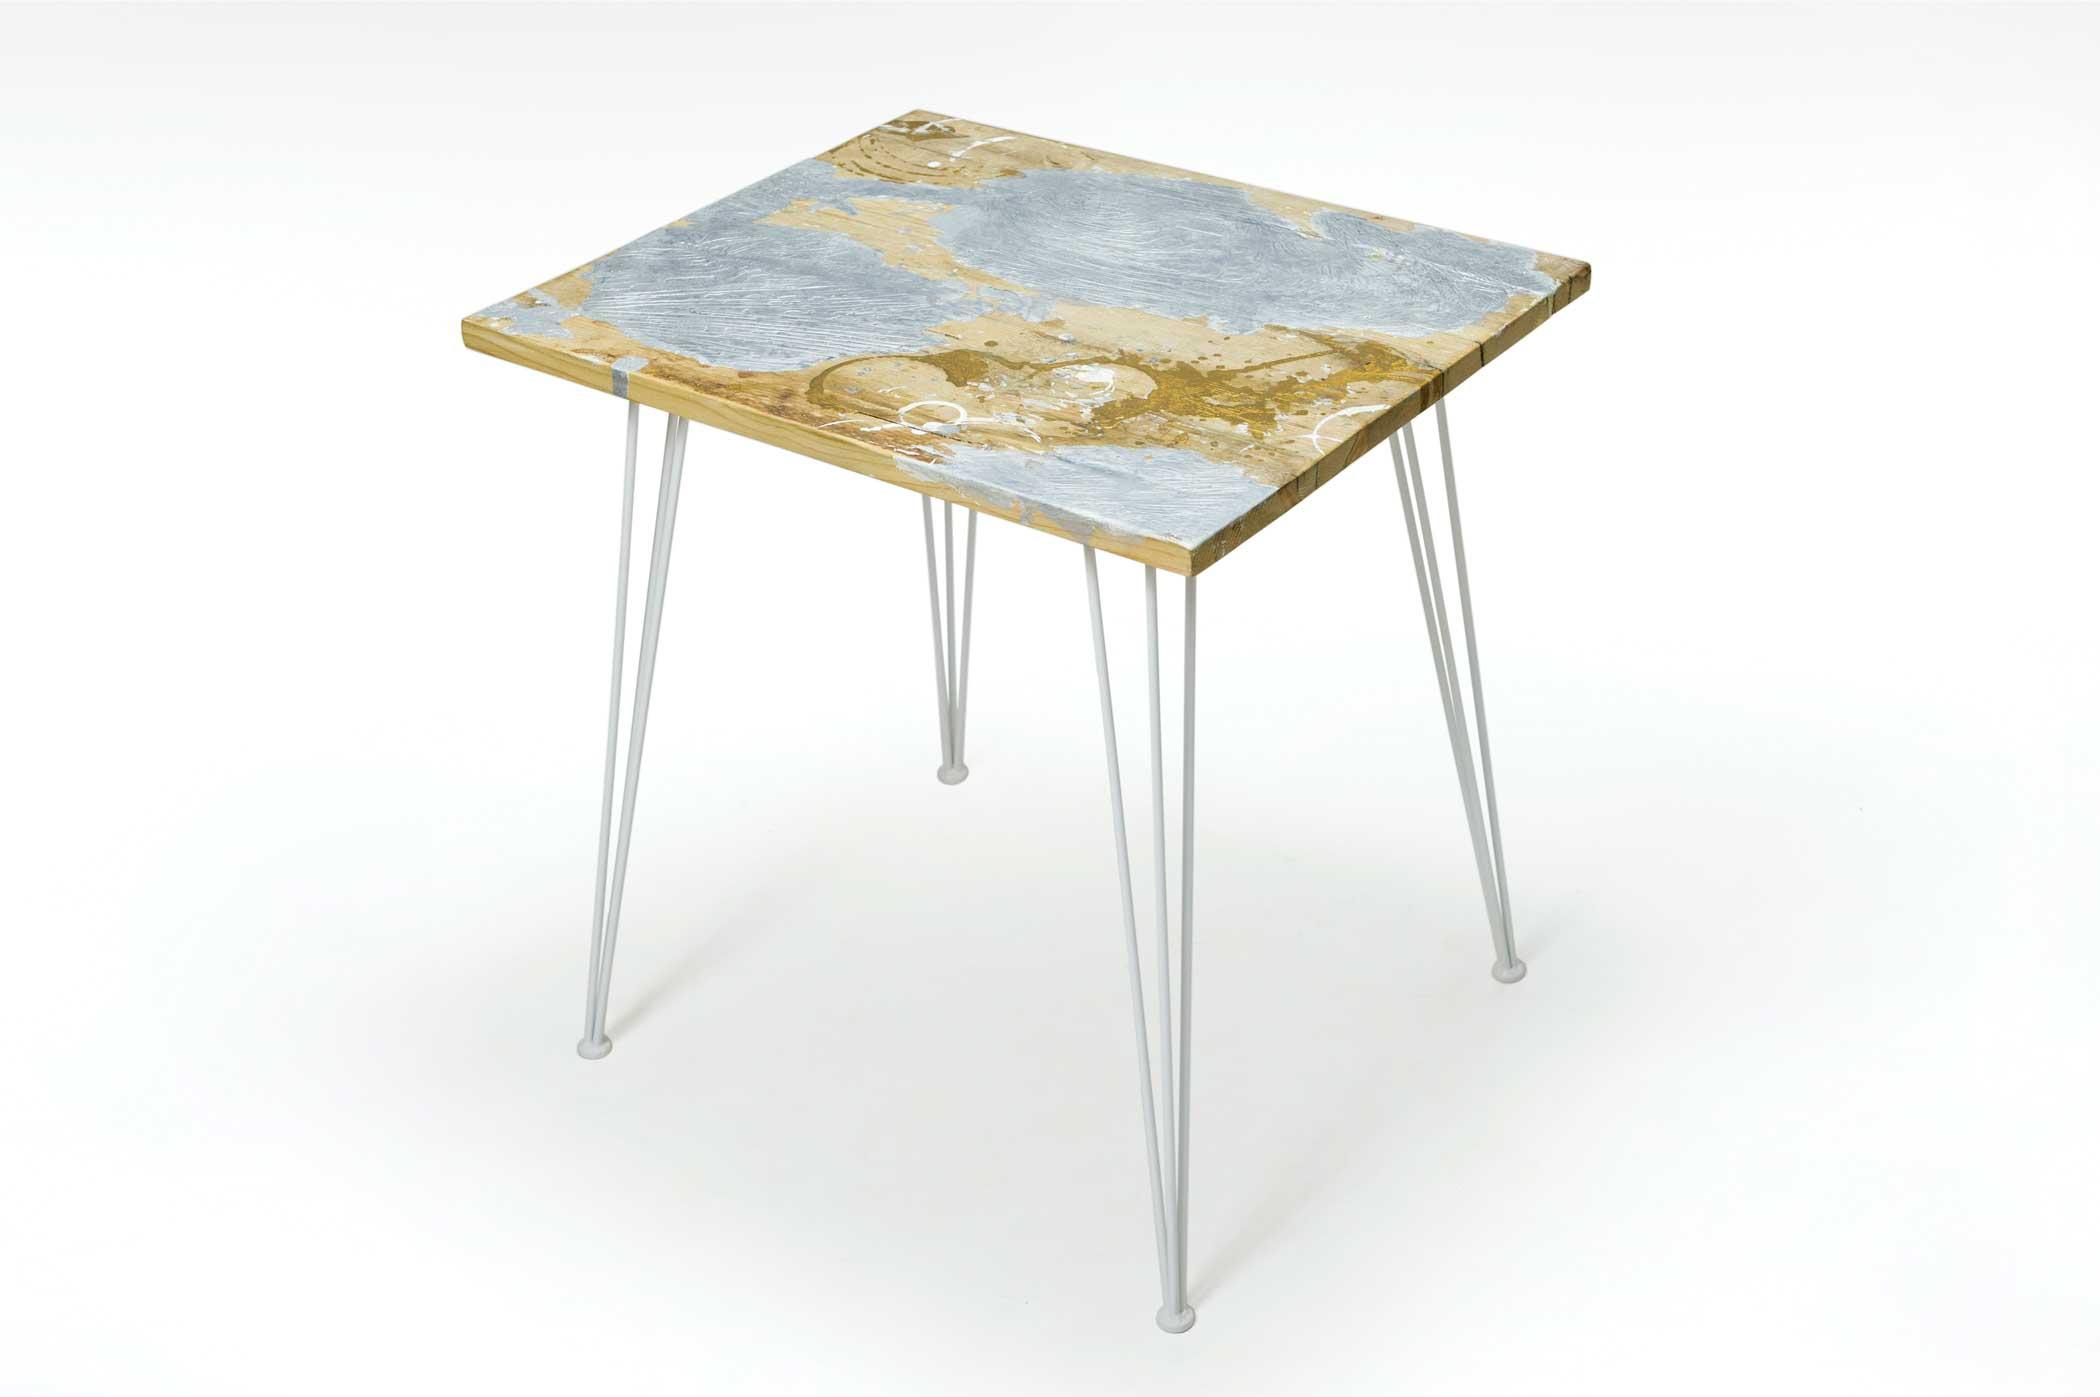 Top tavoli su misura in resina per locali pubblici